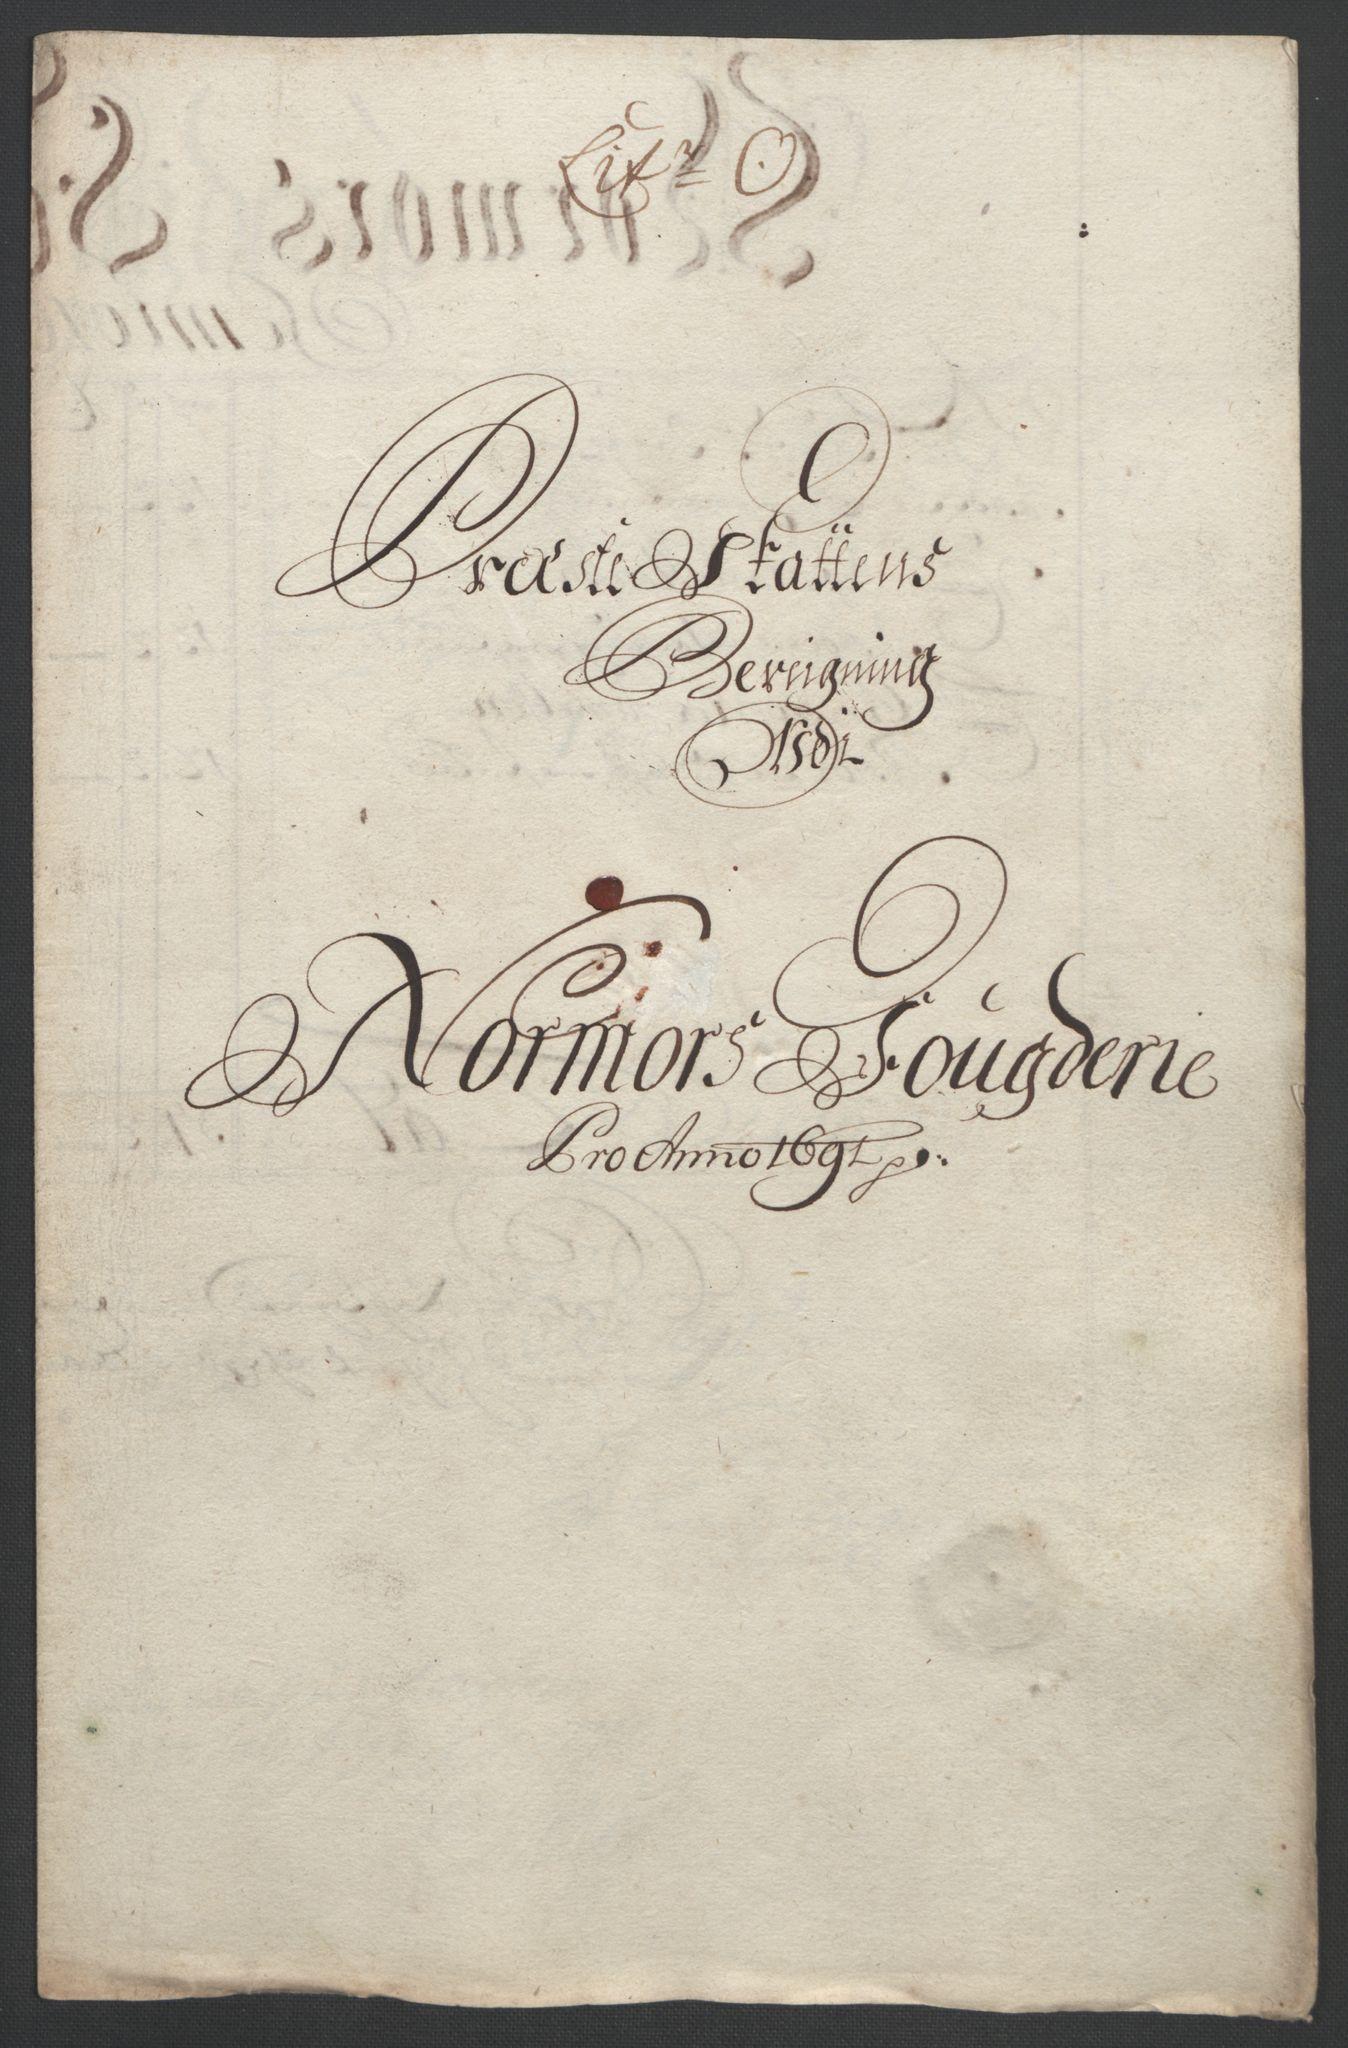 RA, Rentekammeret inntil 1814, Reviderte regnskaper, Fogderegnskap, R56/L3734: Fogderegnskap Nordmøre, 1690-1691, s. 400